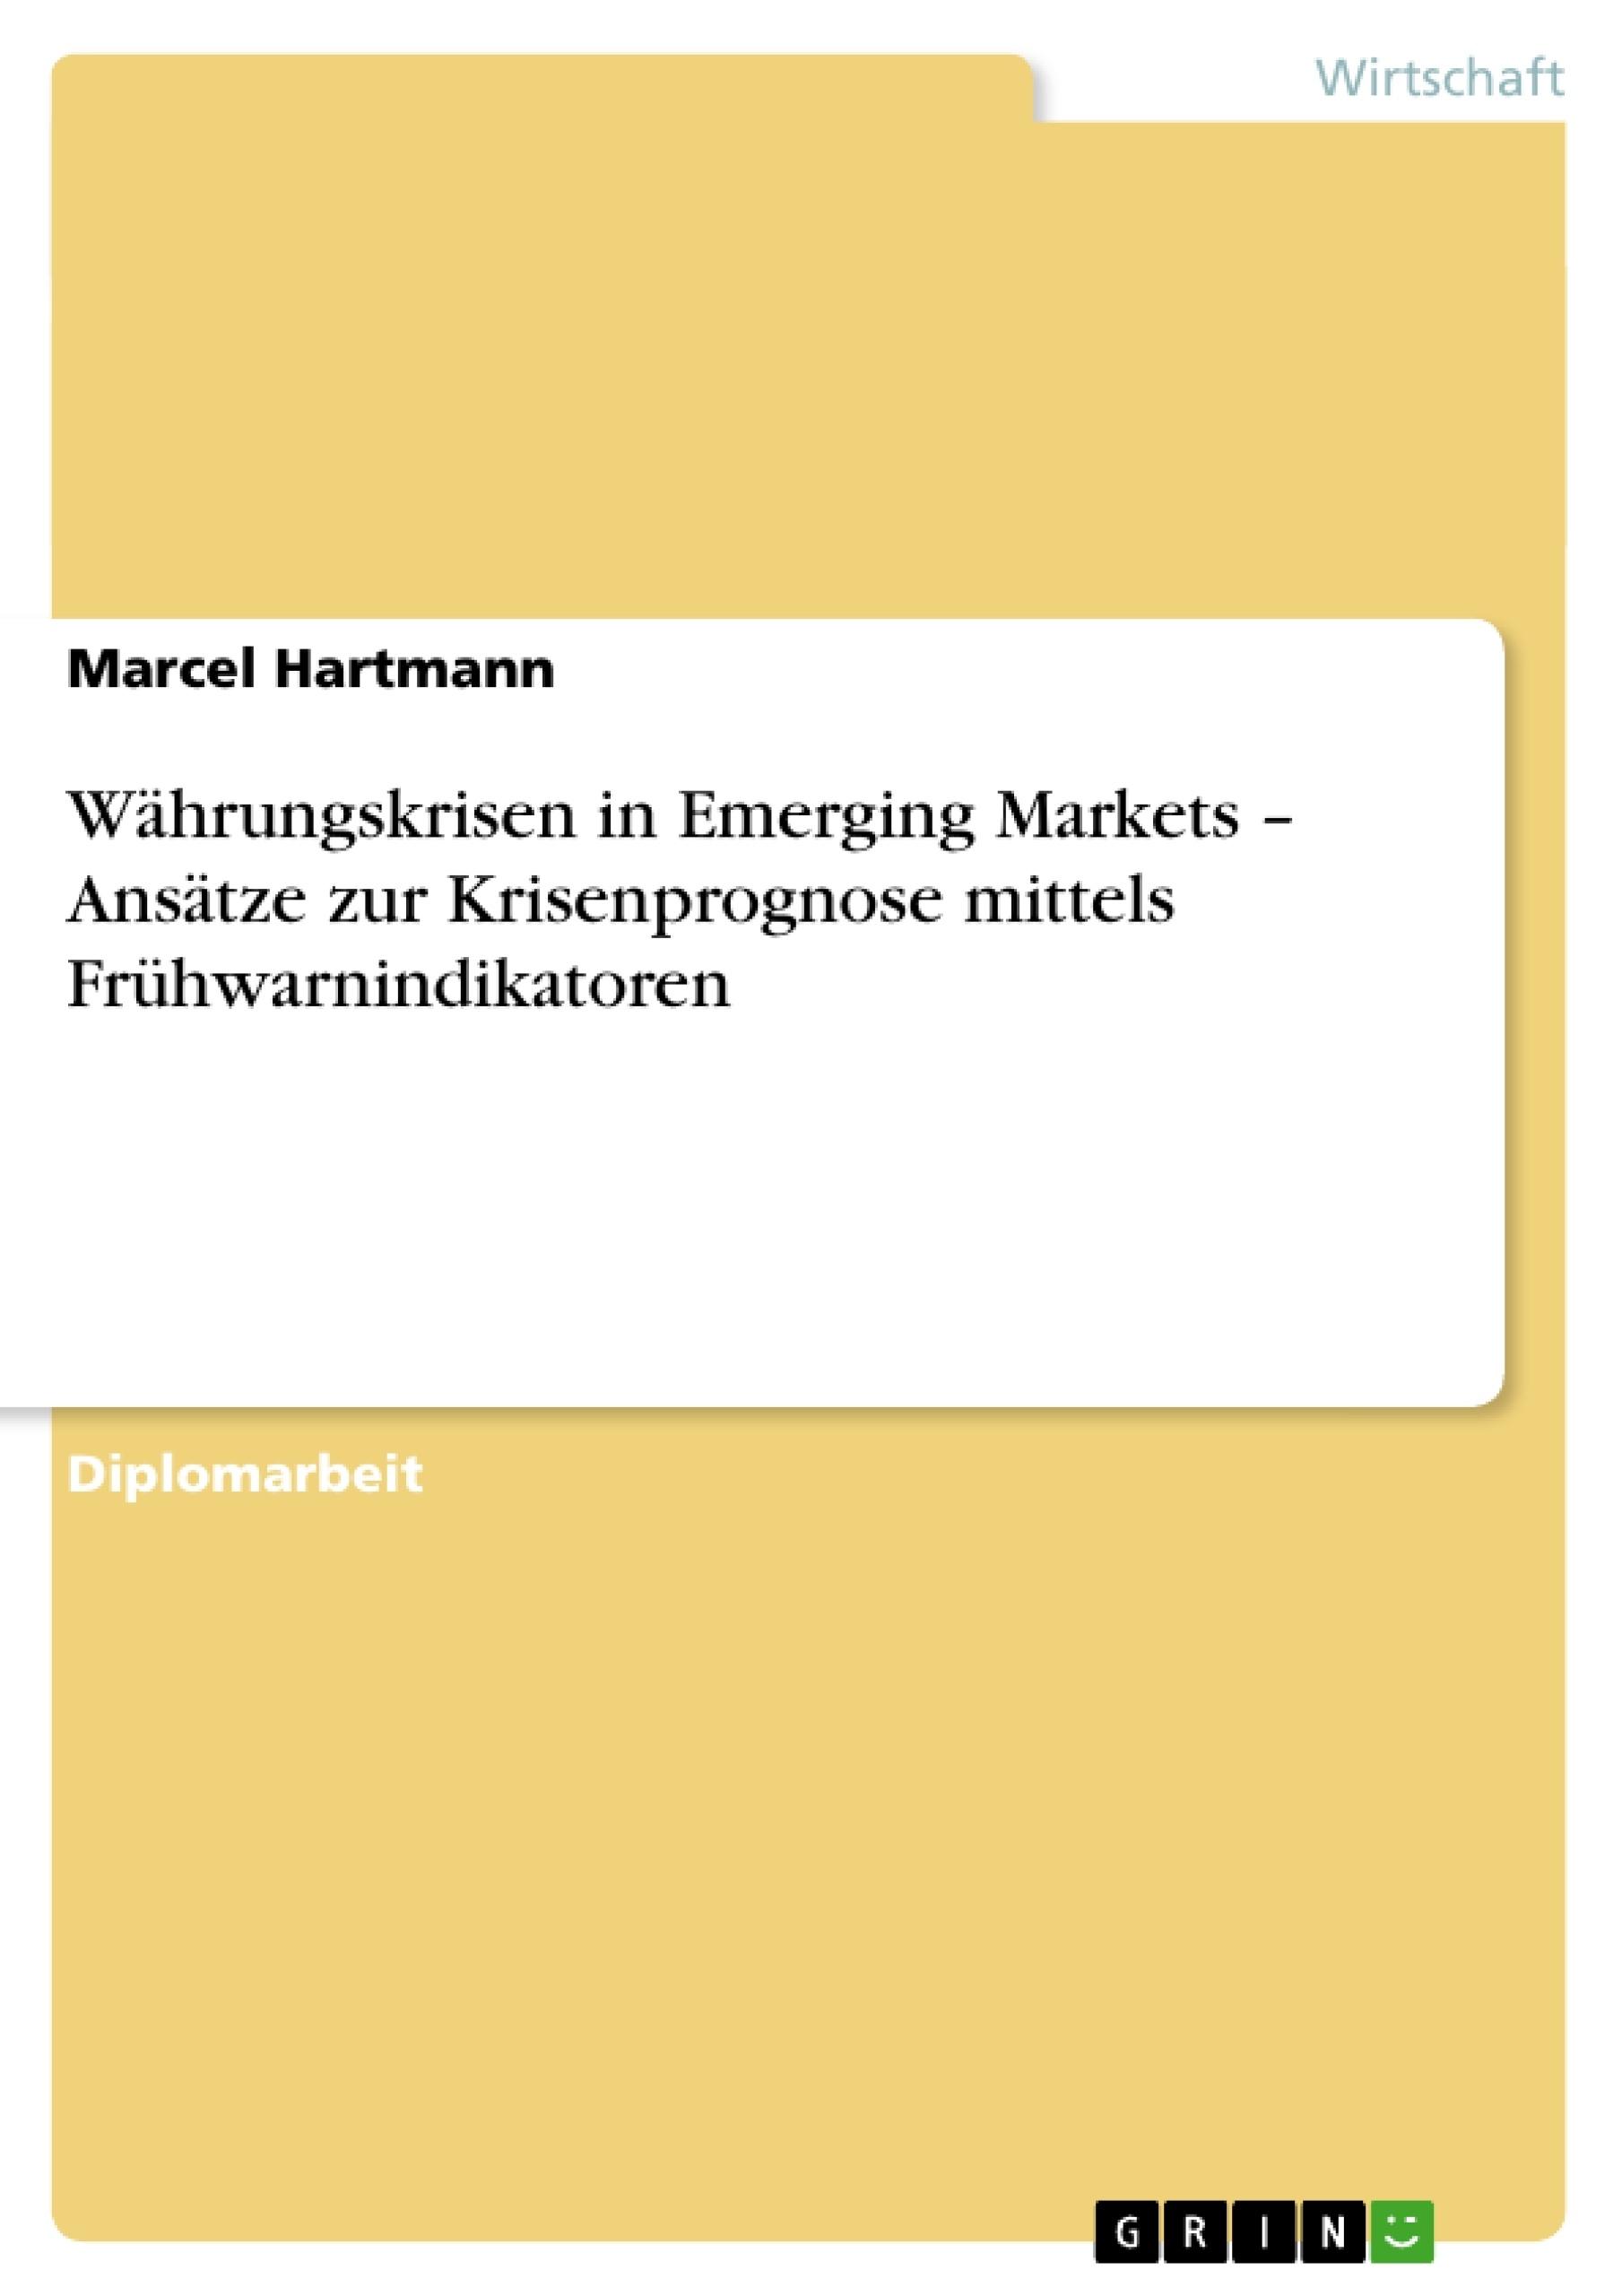 Titel: Währungskrisen in Emerging Markets – Ansätze zur Krisenprognose mittels Frühwarnindikatoren